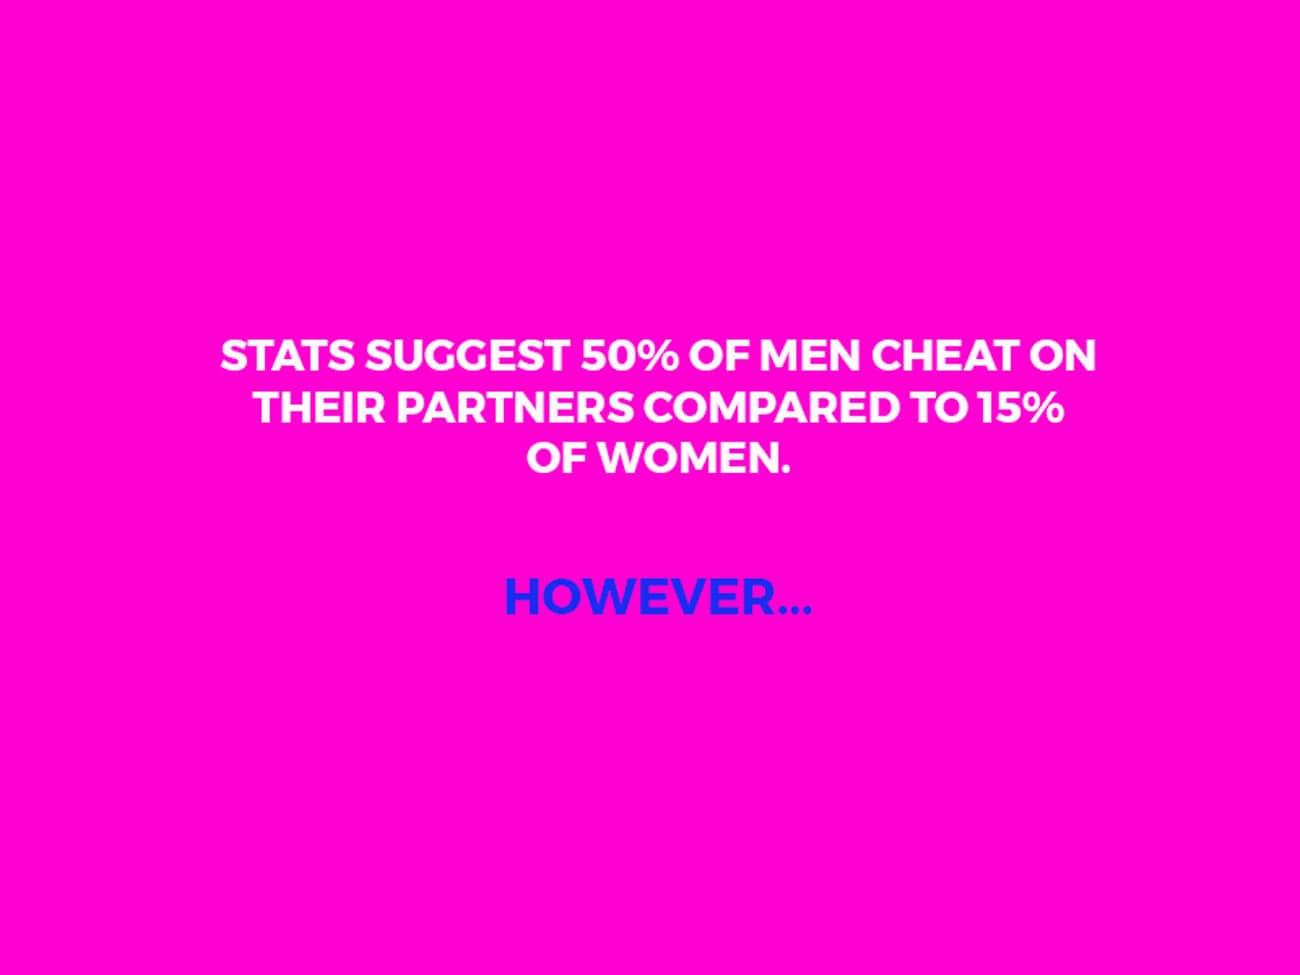 women-cheat